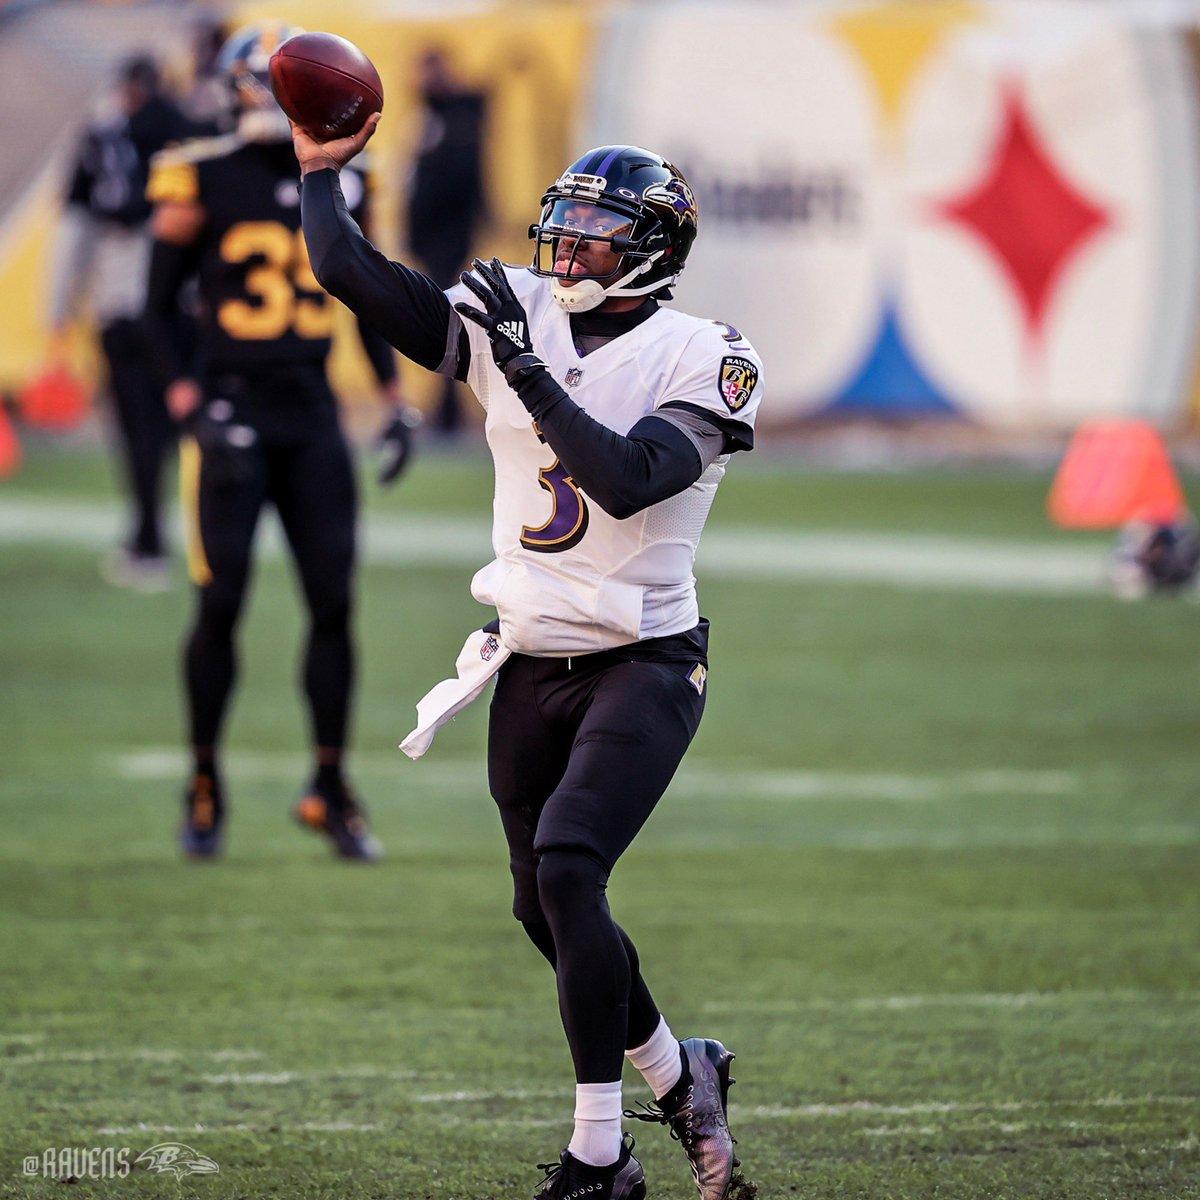 #NFL   Finaliza 3er Periodo en el Heinz Stadium   #HereWeGo 12-7 #RavensFlock   #Semana12